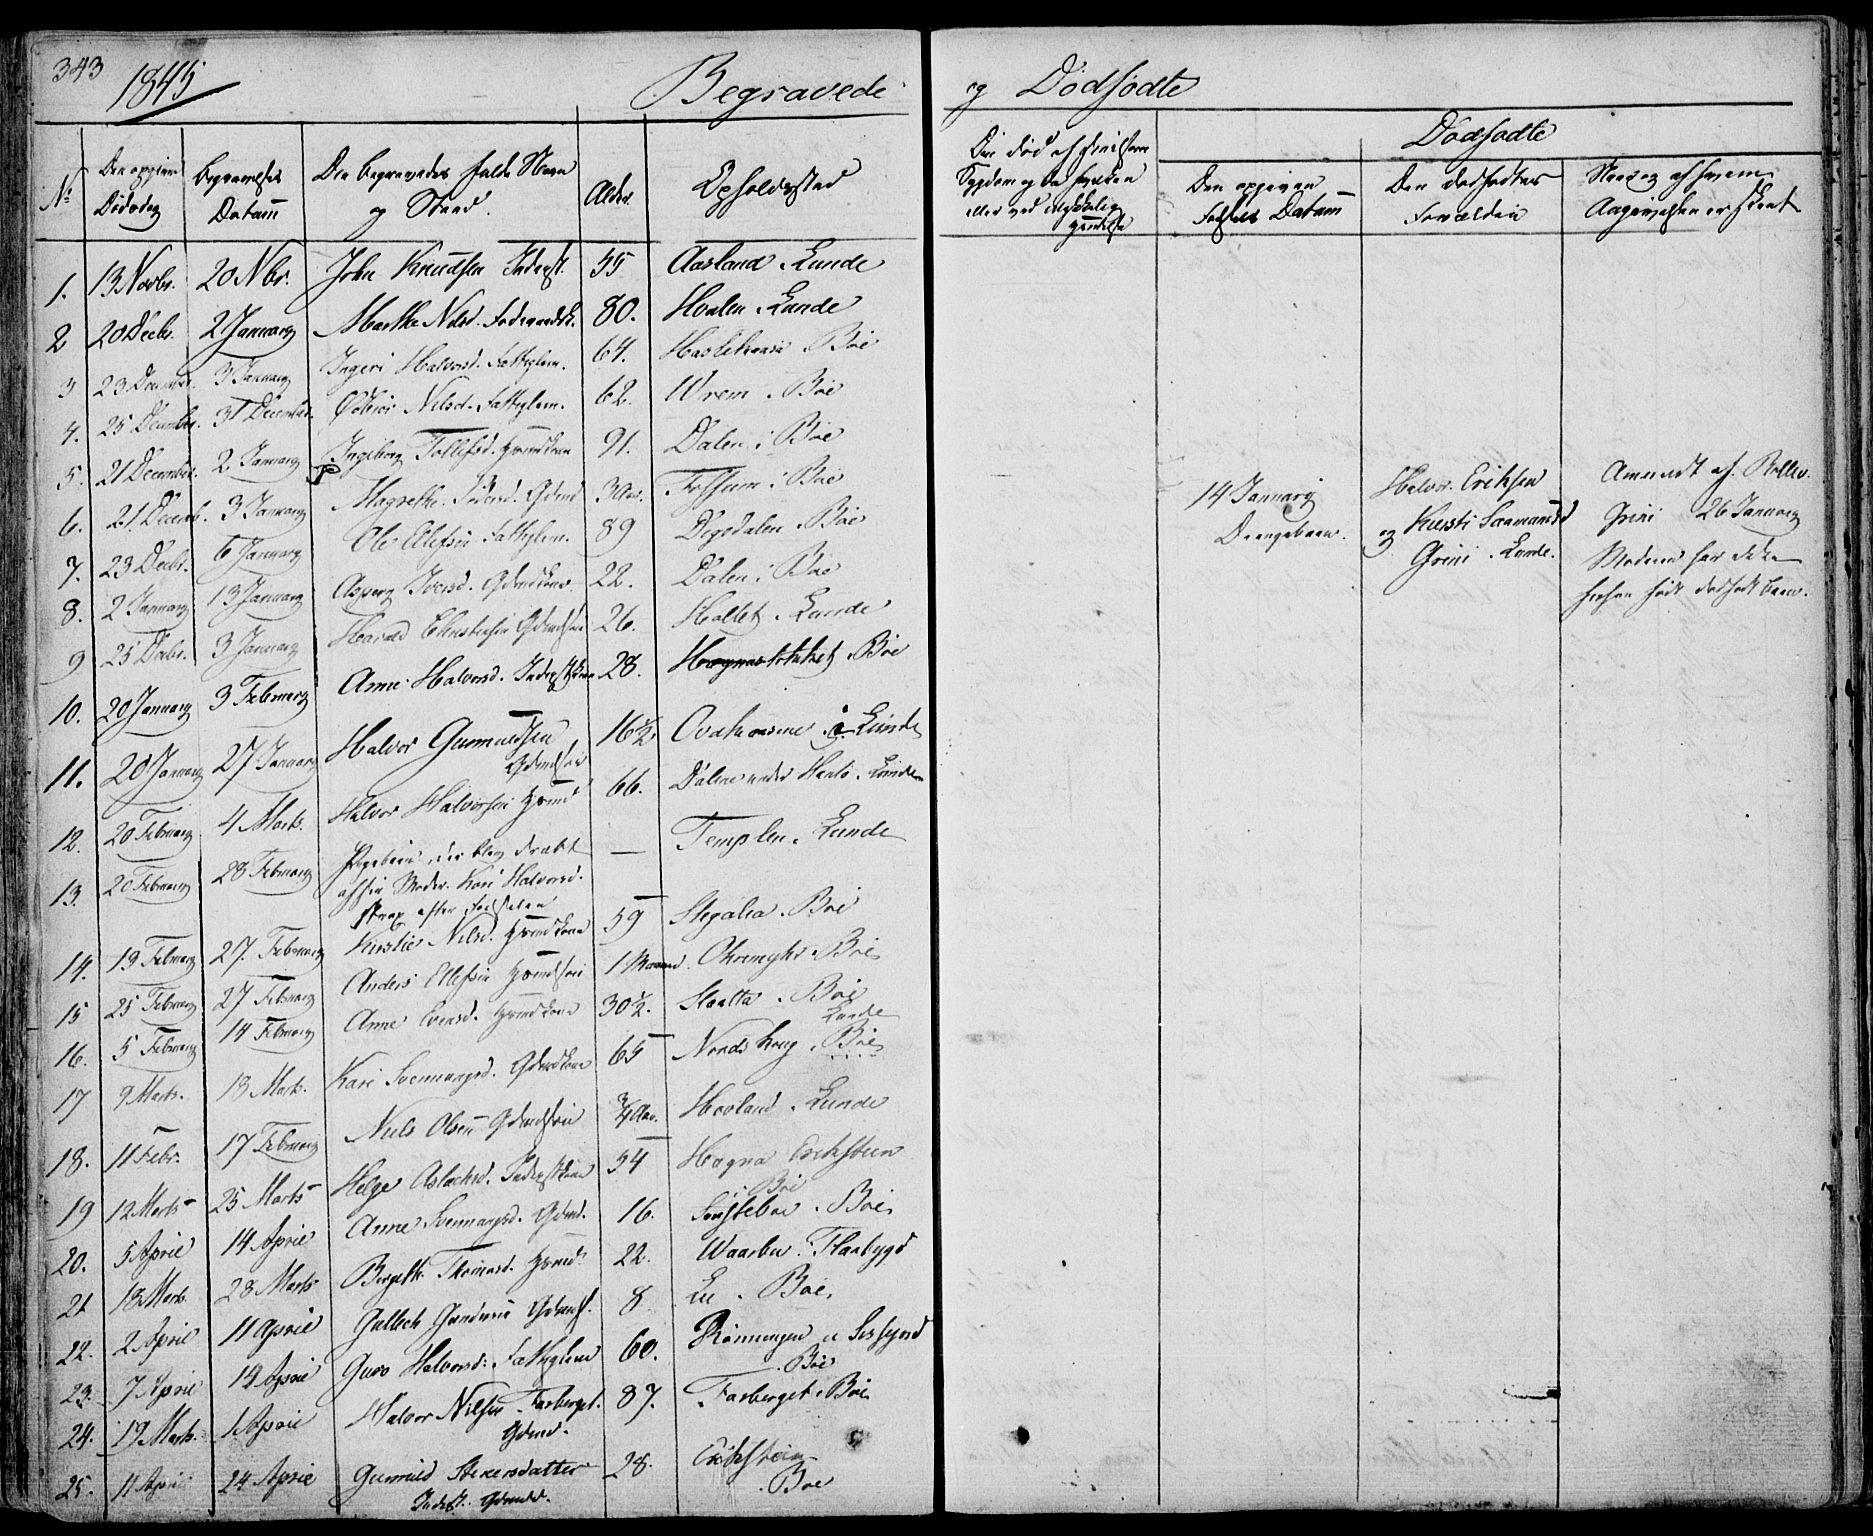 SAKO, Bø kirkebøker, F/Fa/L0007: Ministerialbok nr. 7, 1831-1848, s. 343